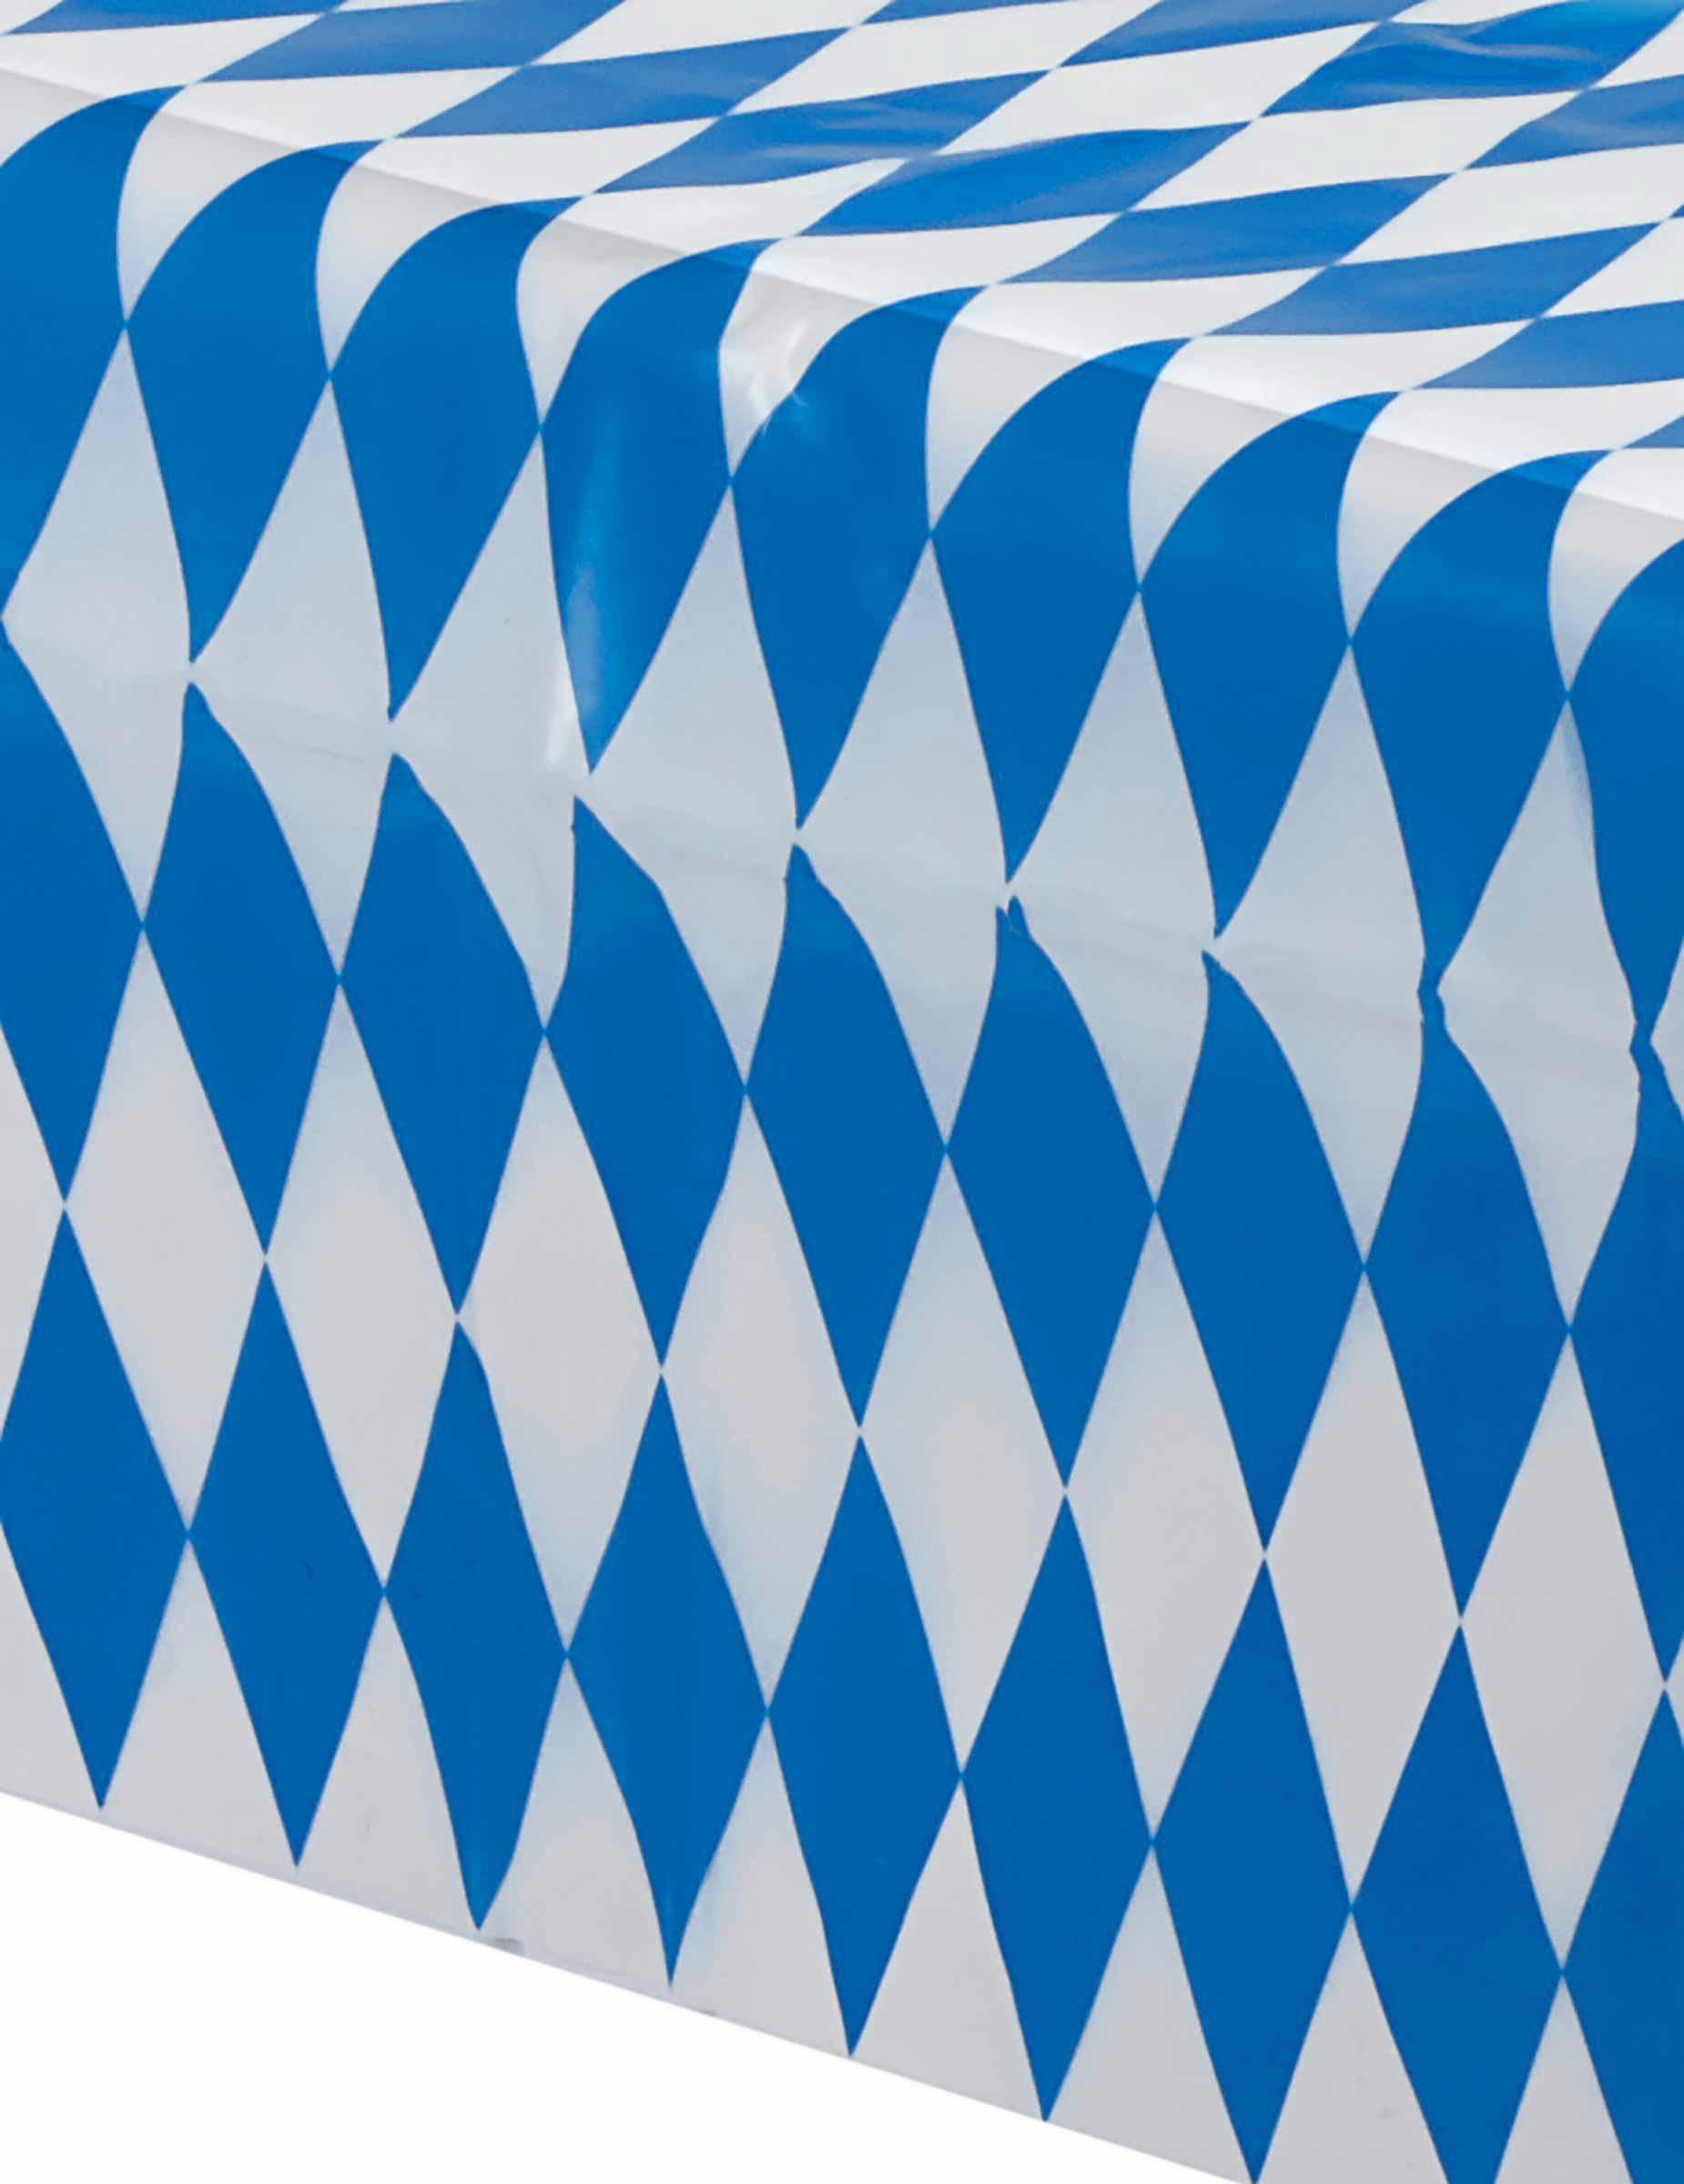 nappe bavaroise carreaux bleus et blancs 260x80cm. Black Bedroom Furniture Sets. Home Design Ideas